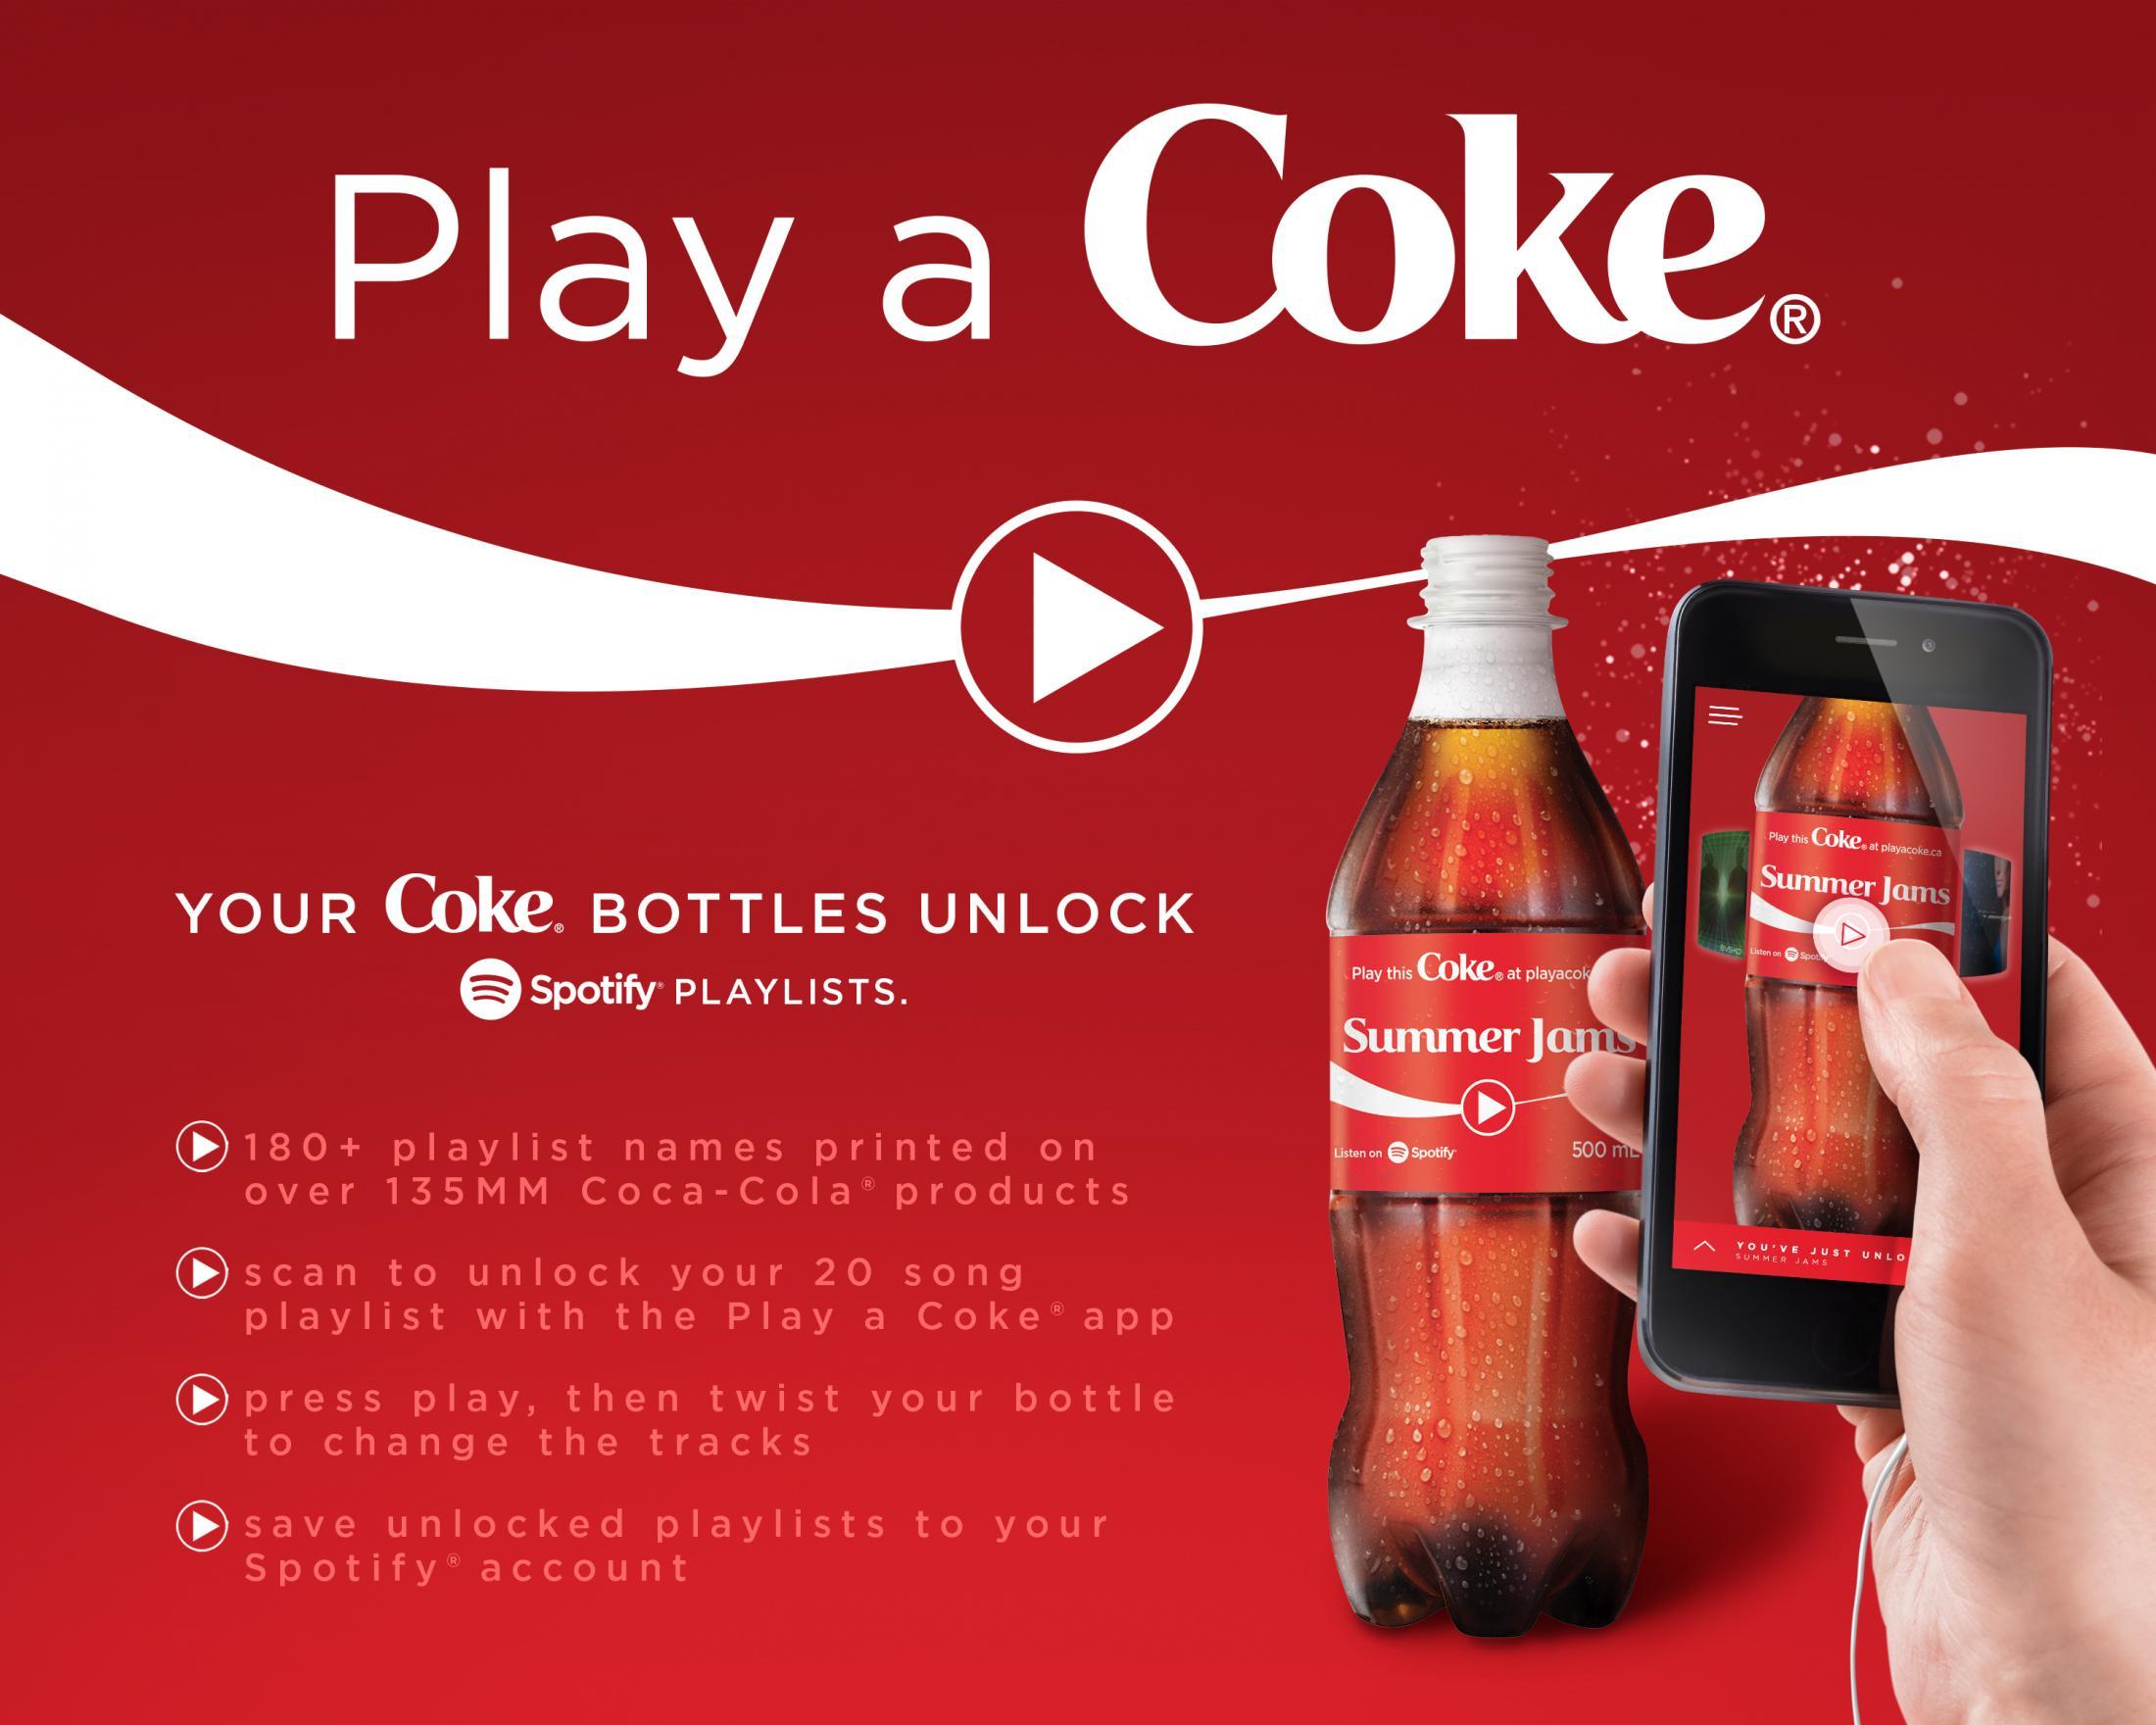 Thumbnail for Play A Coke